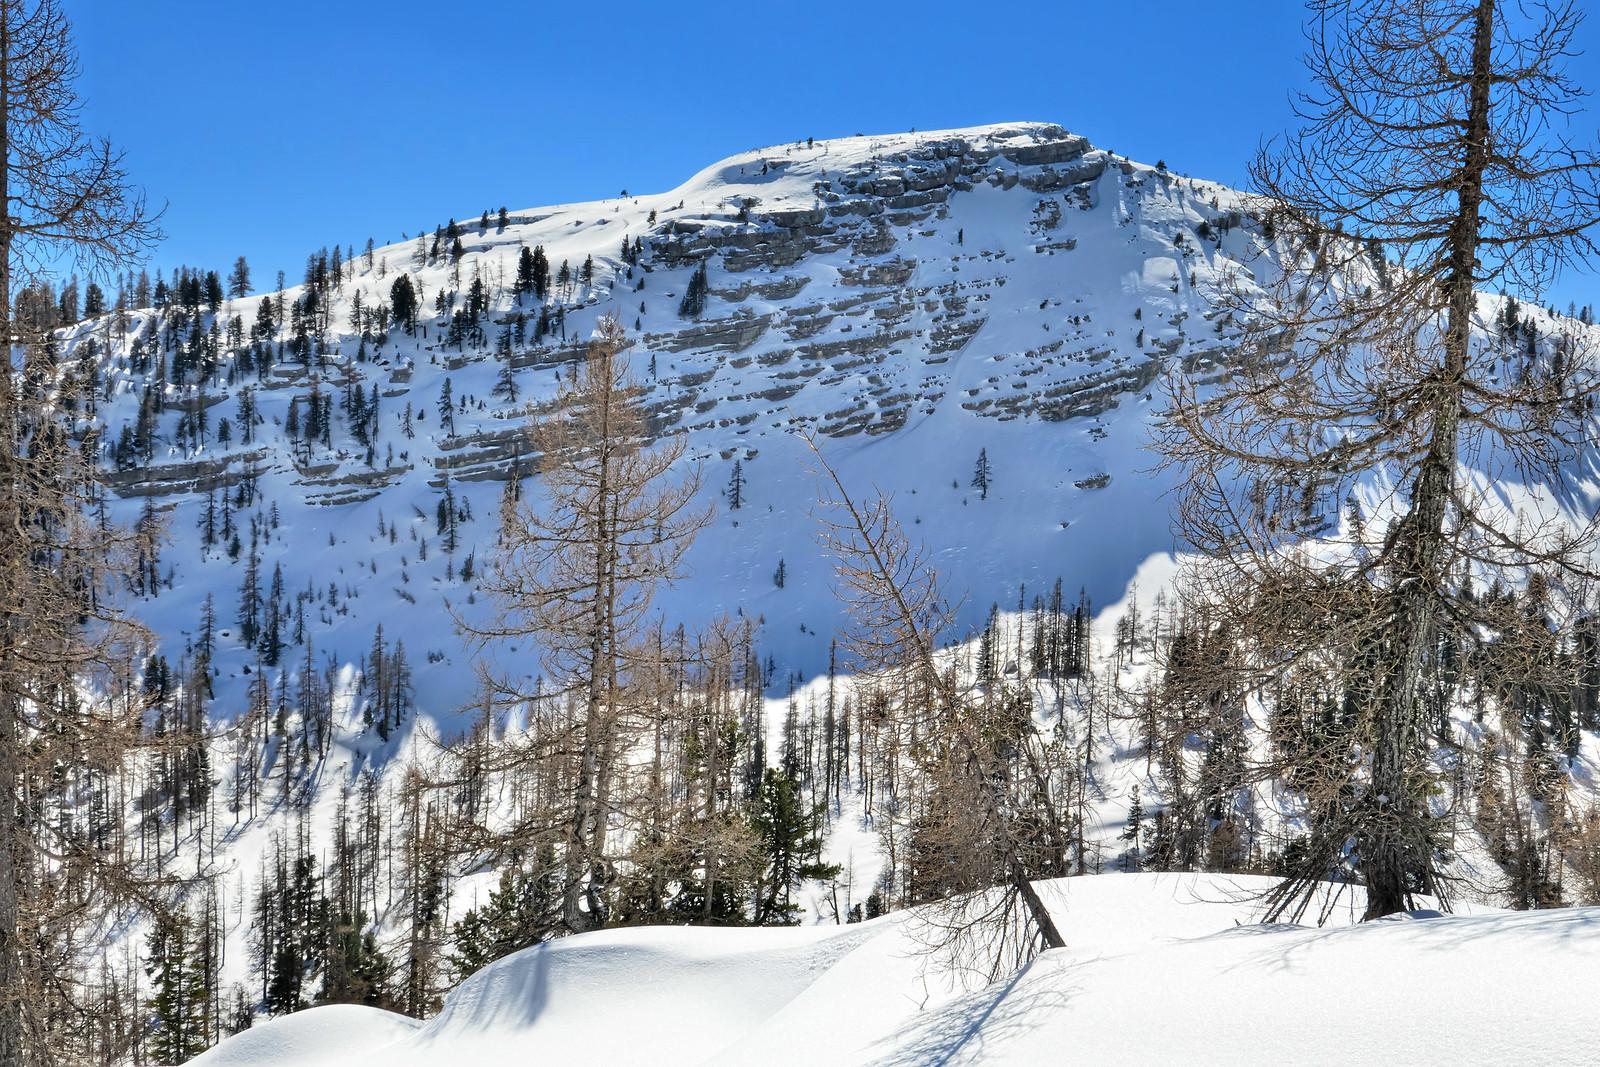 Jedno z mnoha bezejmenných návrší na planině